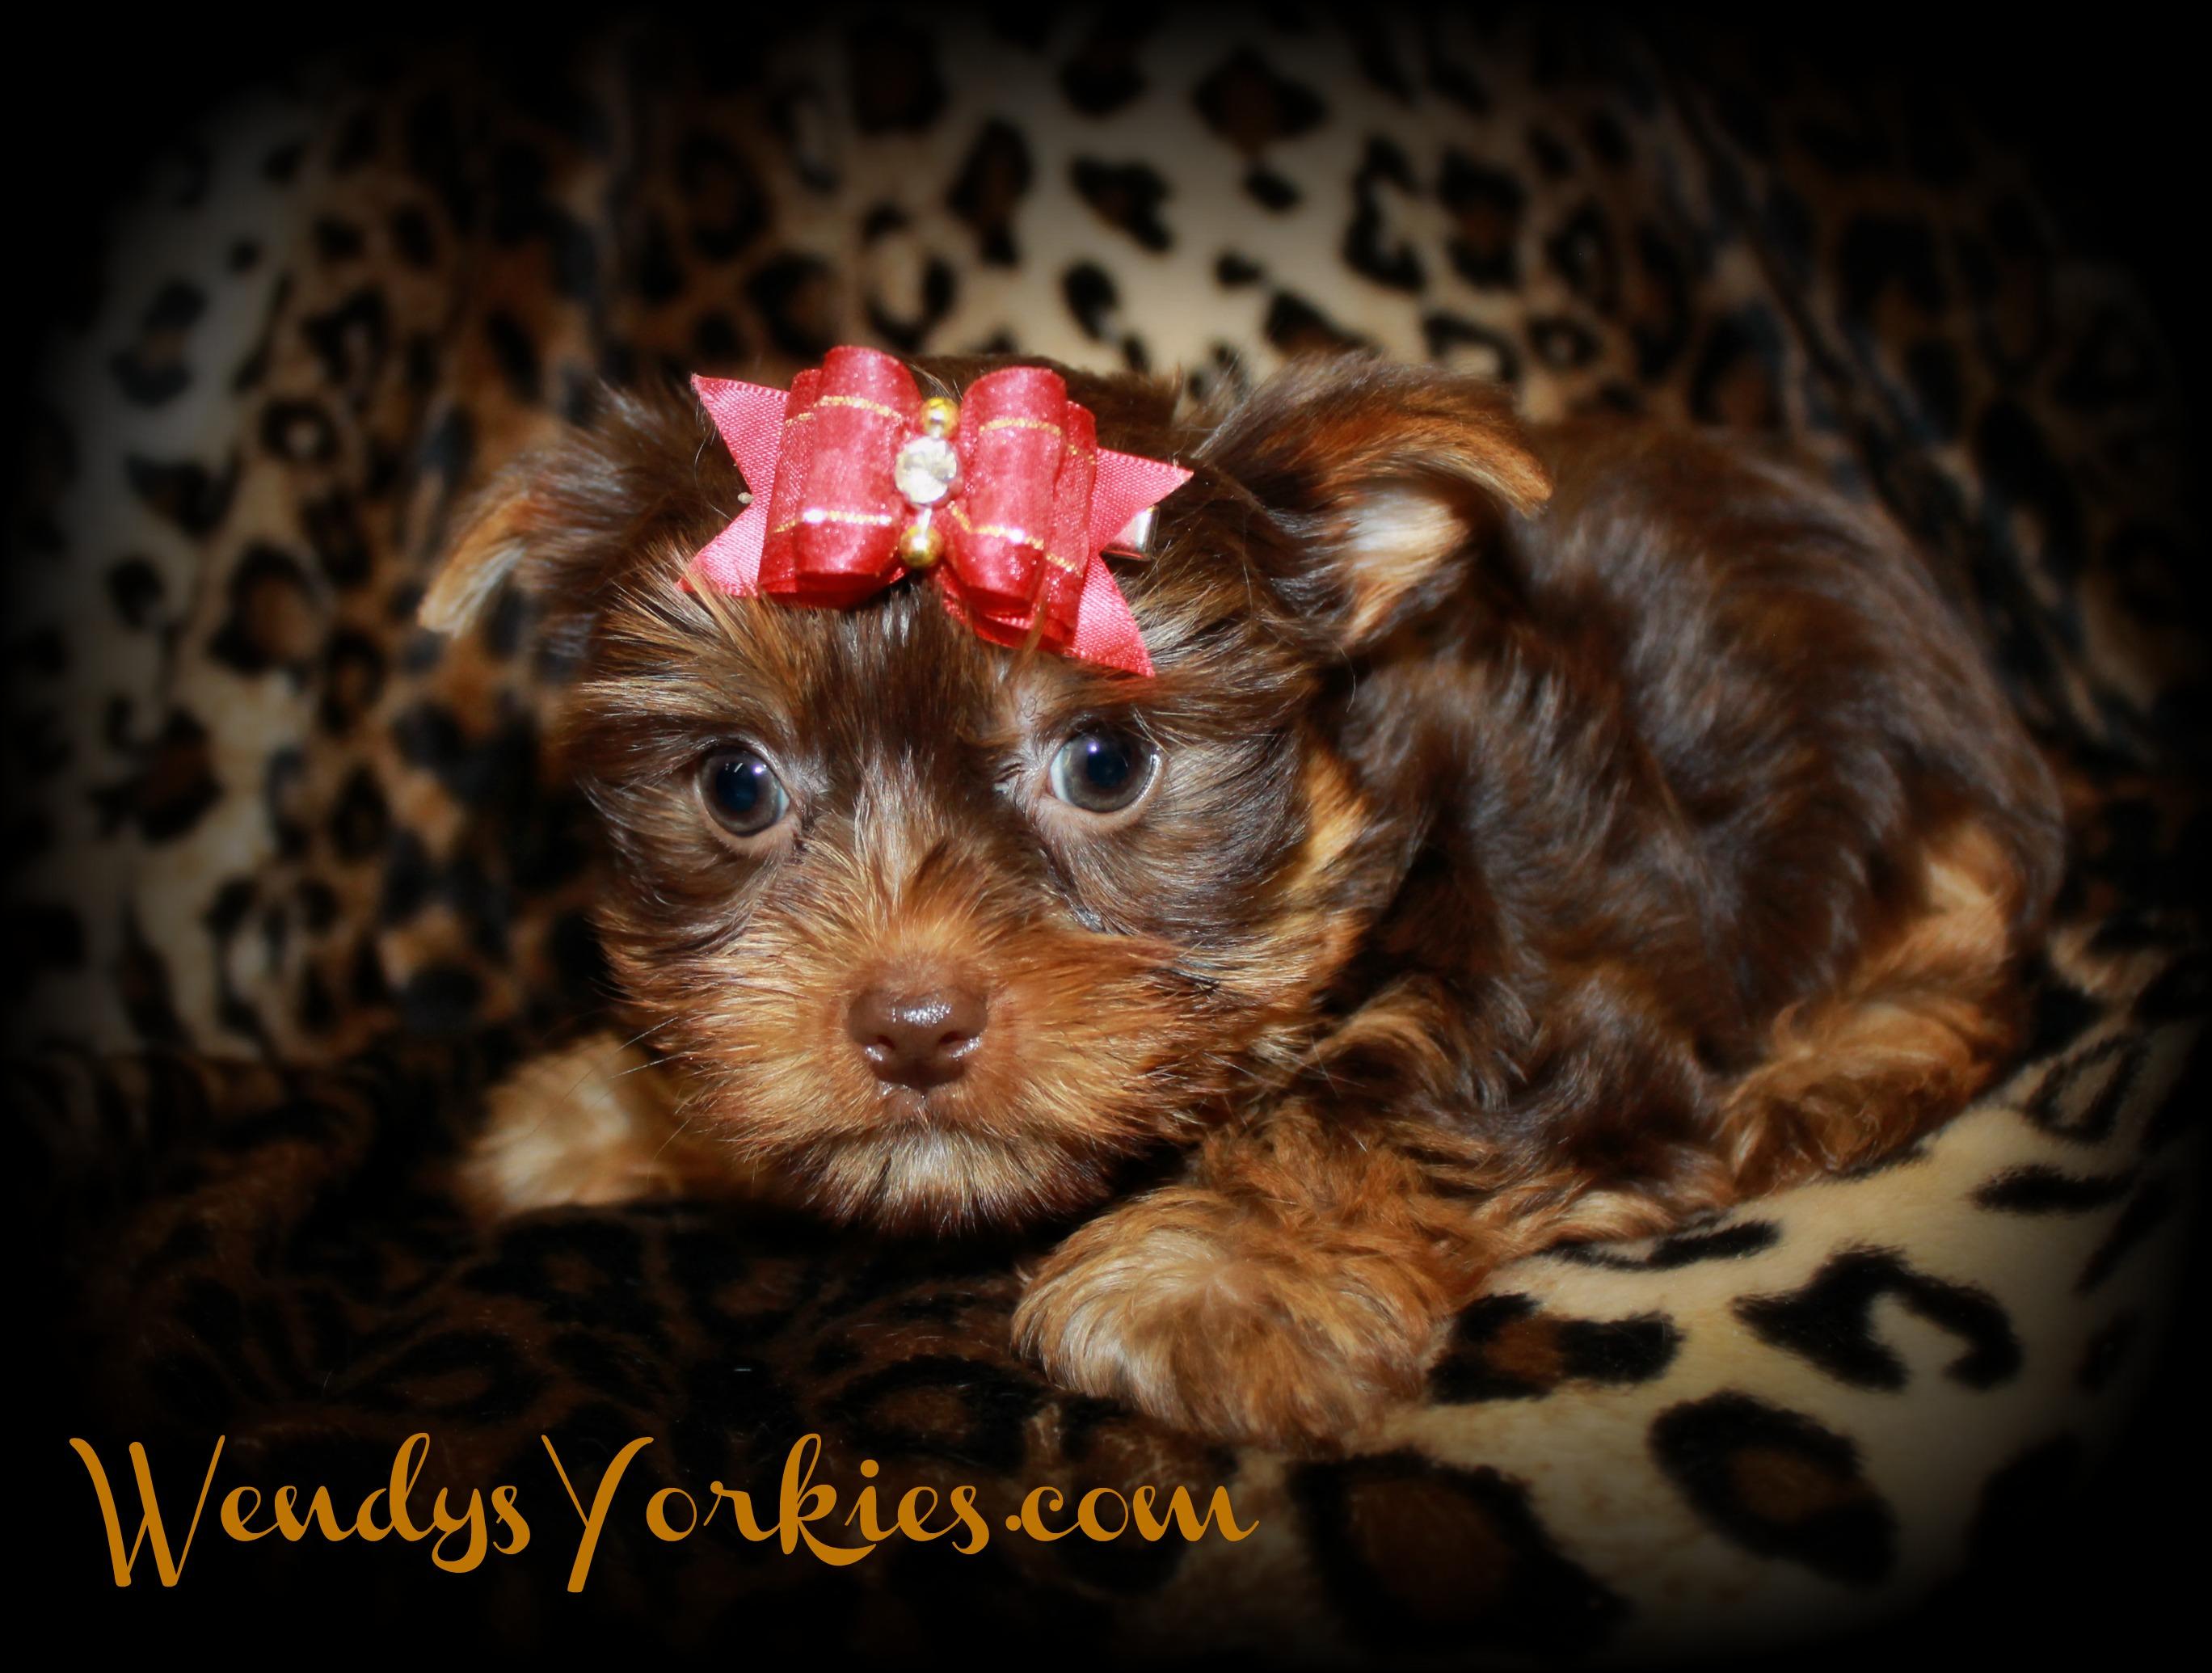 Chocolate Yorkie puppy for sale, WendysYorkies.com, Skeeter m2